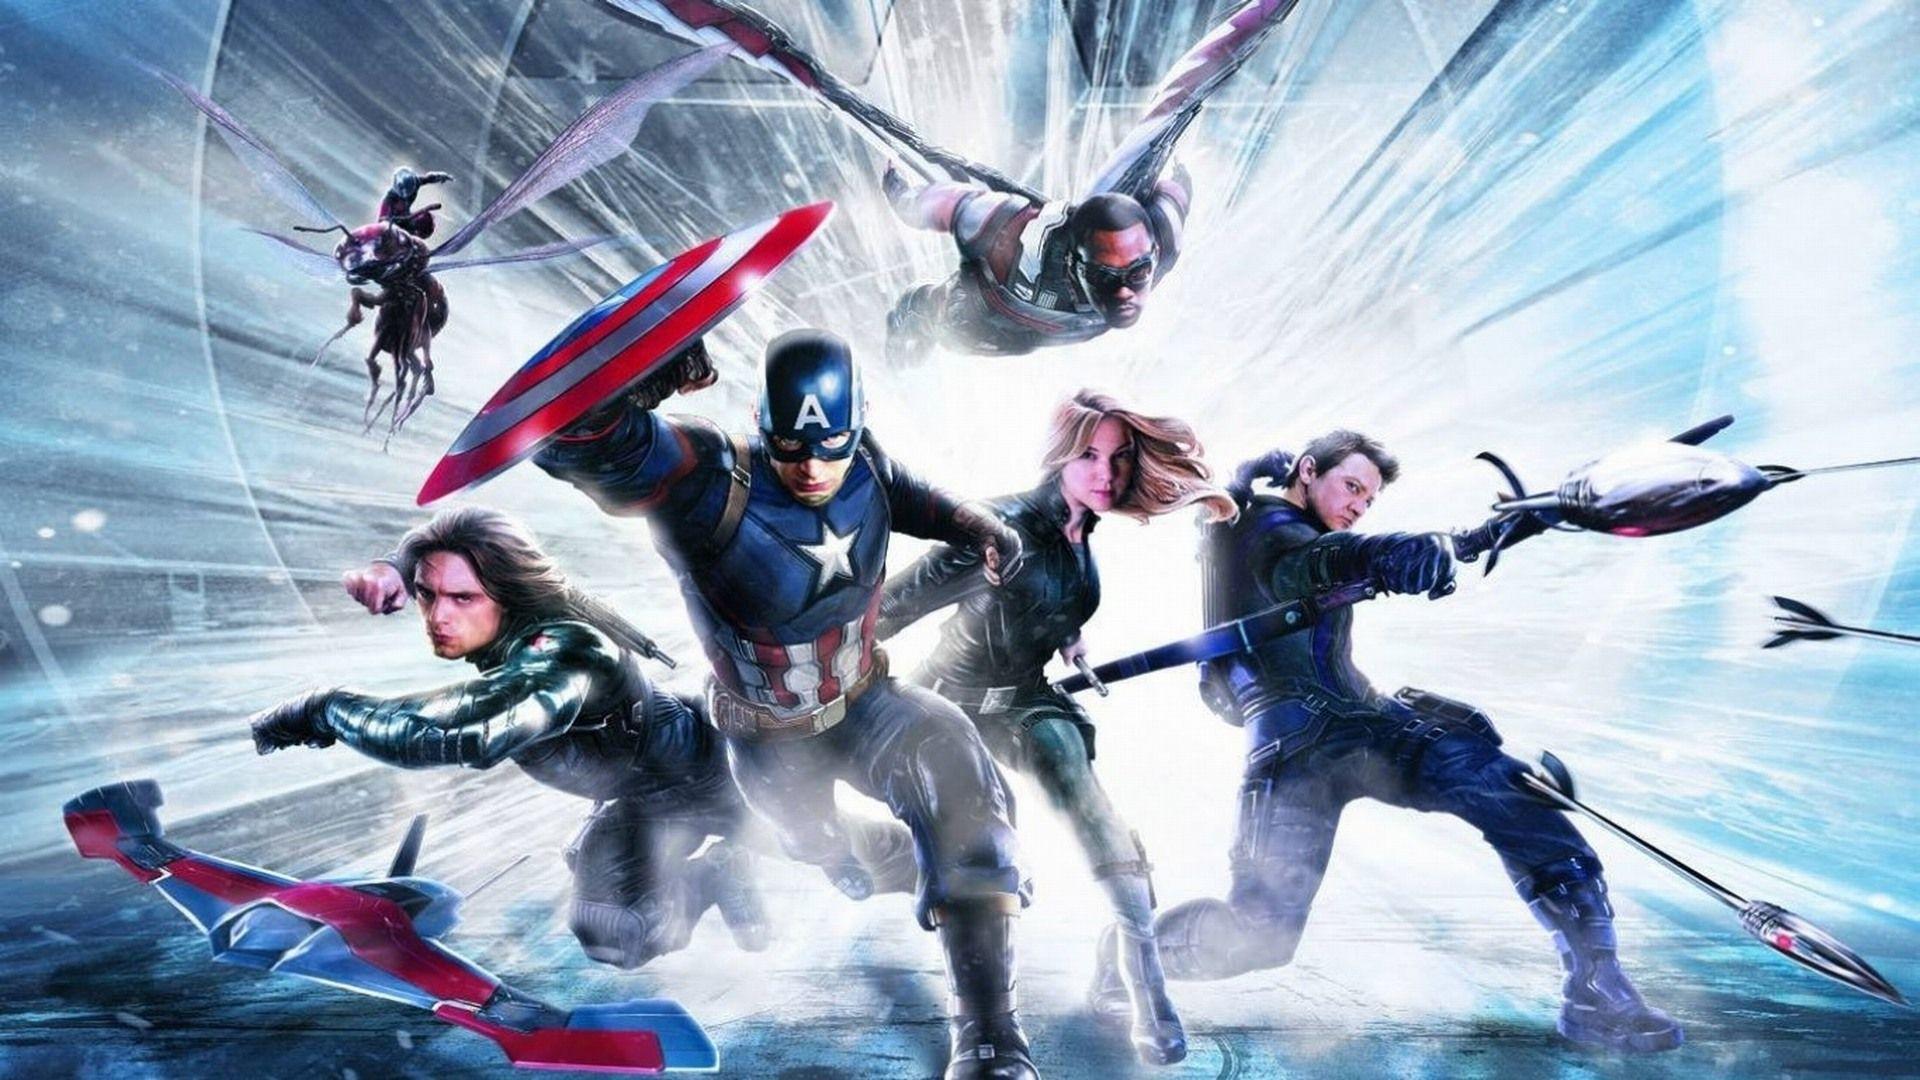 captain america civil war wallpapers - wallpaper cave